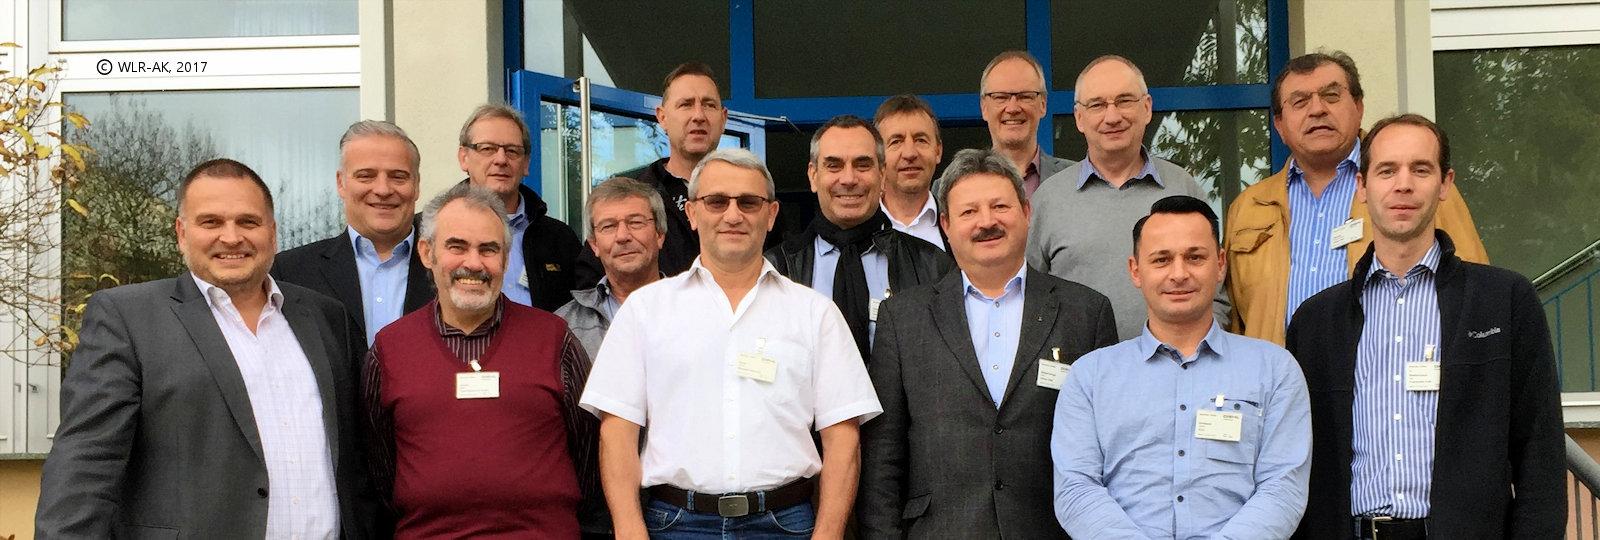 WLR-AK Mitgliederversammlung Überlingen 12.10.2017